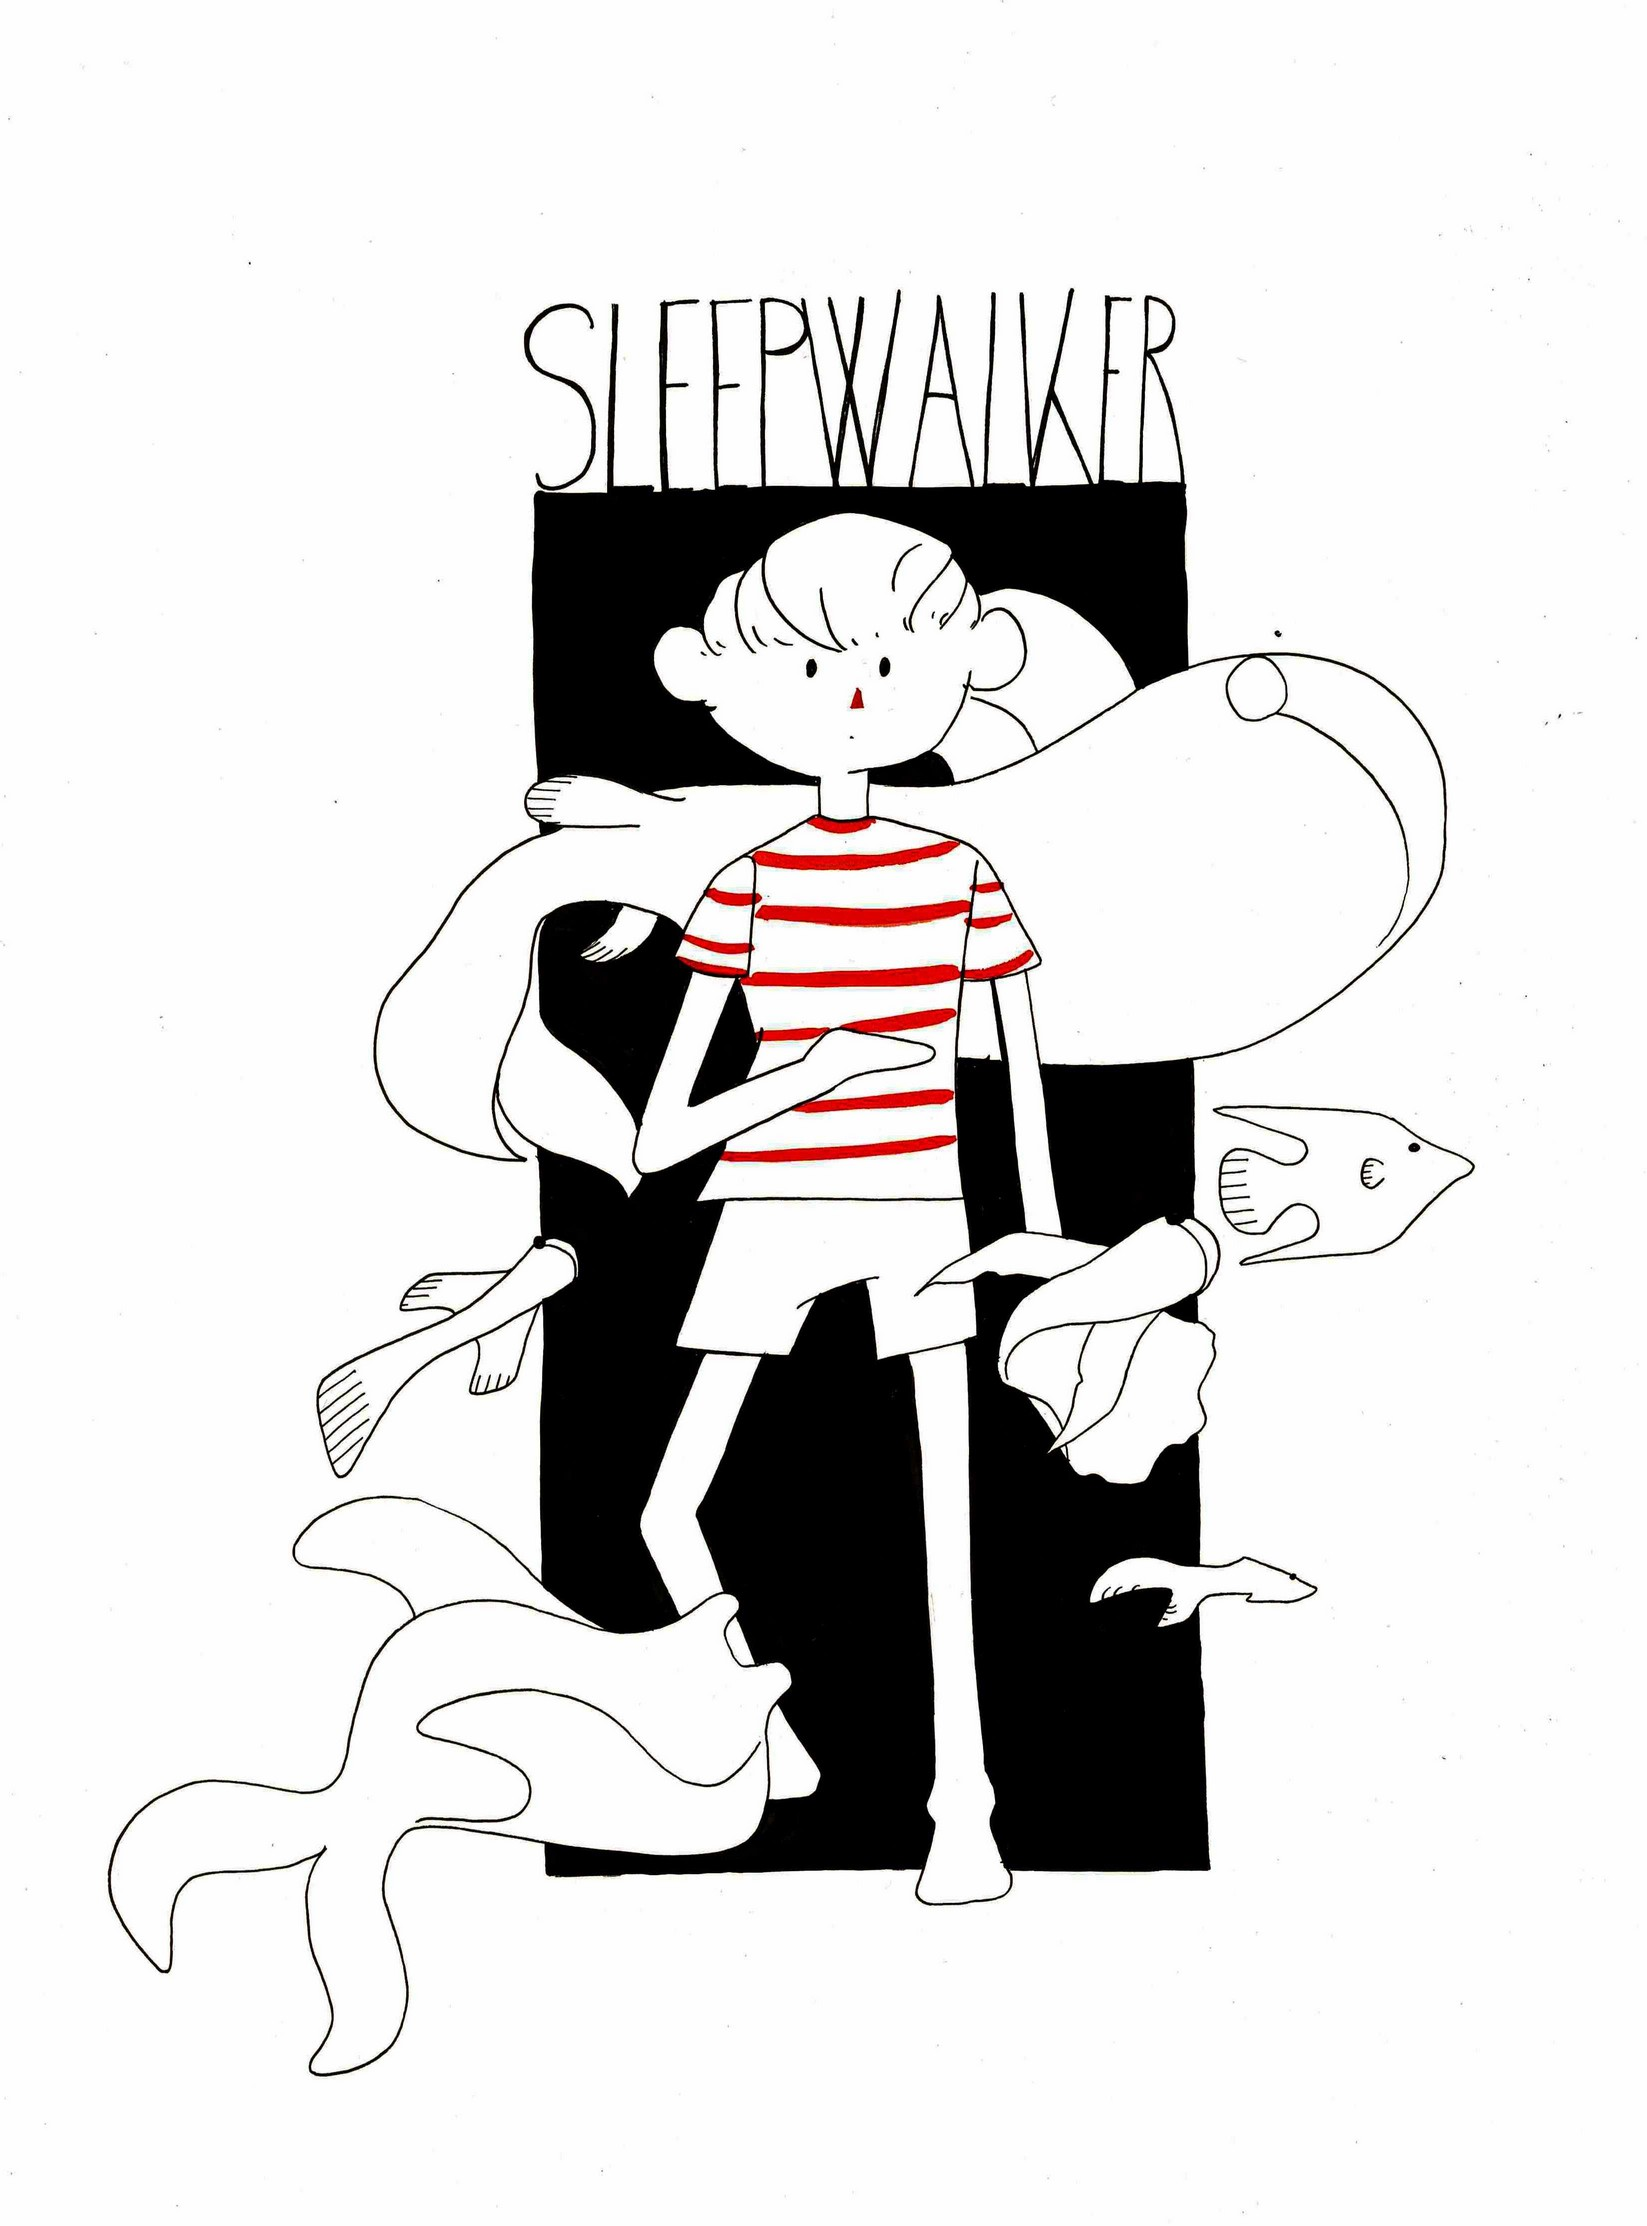 sleepwaker01